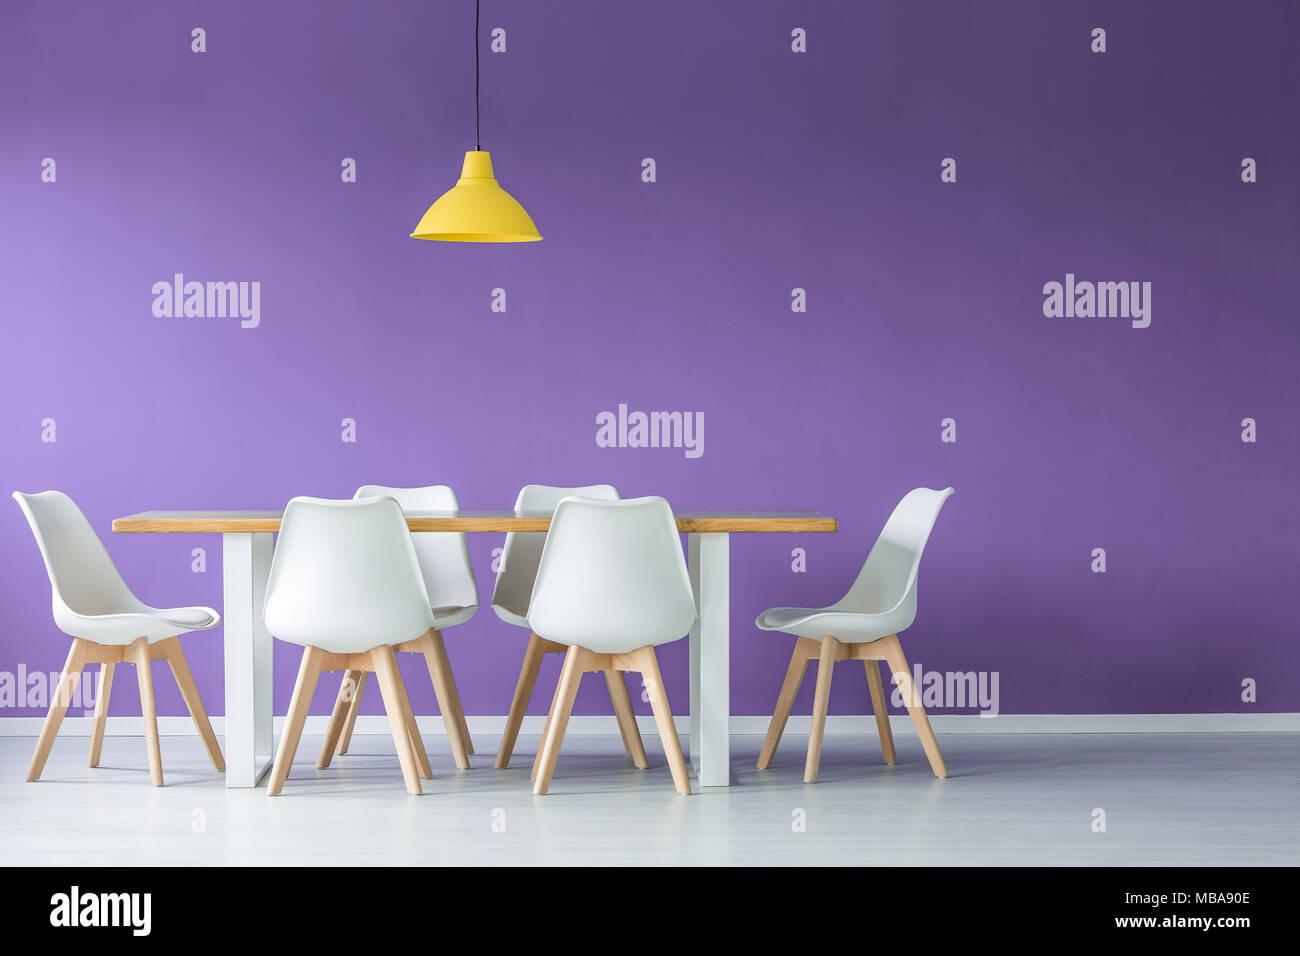 Un minimum d'espace ouvert avec l'intérieur moderne blanc et des chaises en bois autour d'une table à manger et lampe jaune contre mur pourpre Photo Stock